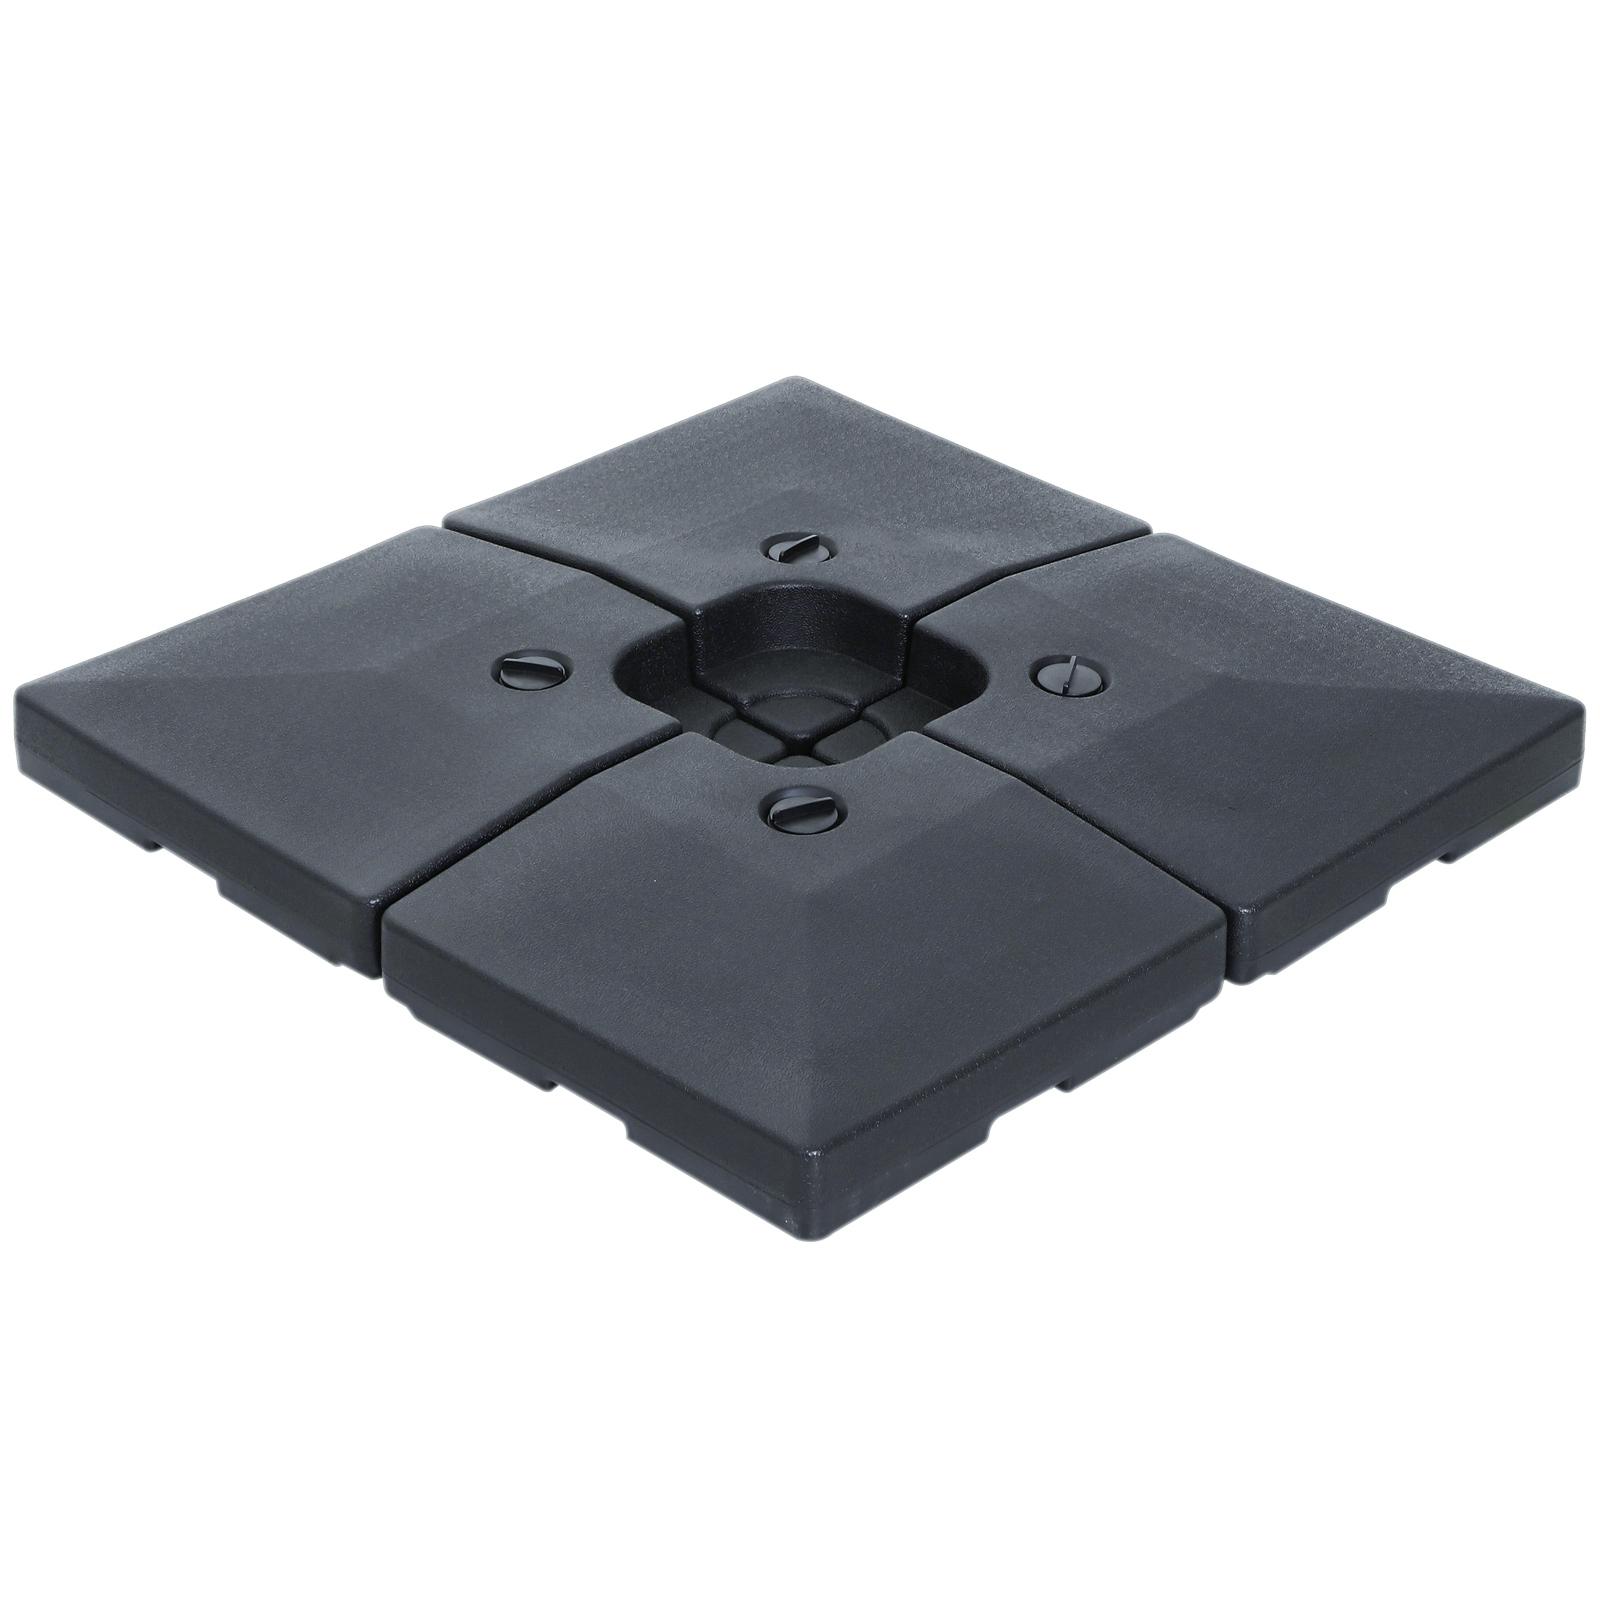 Lot de 4 poids de lestage carré HDPE noir